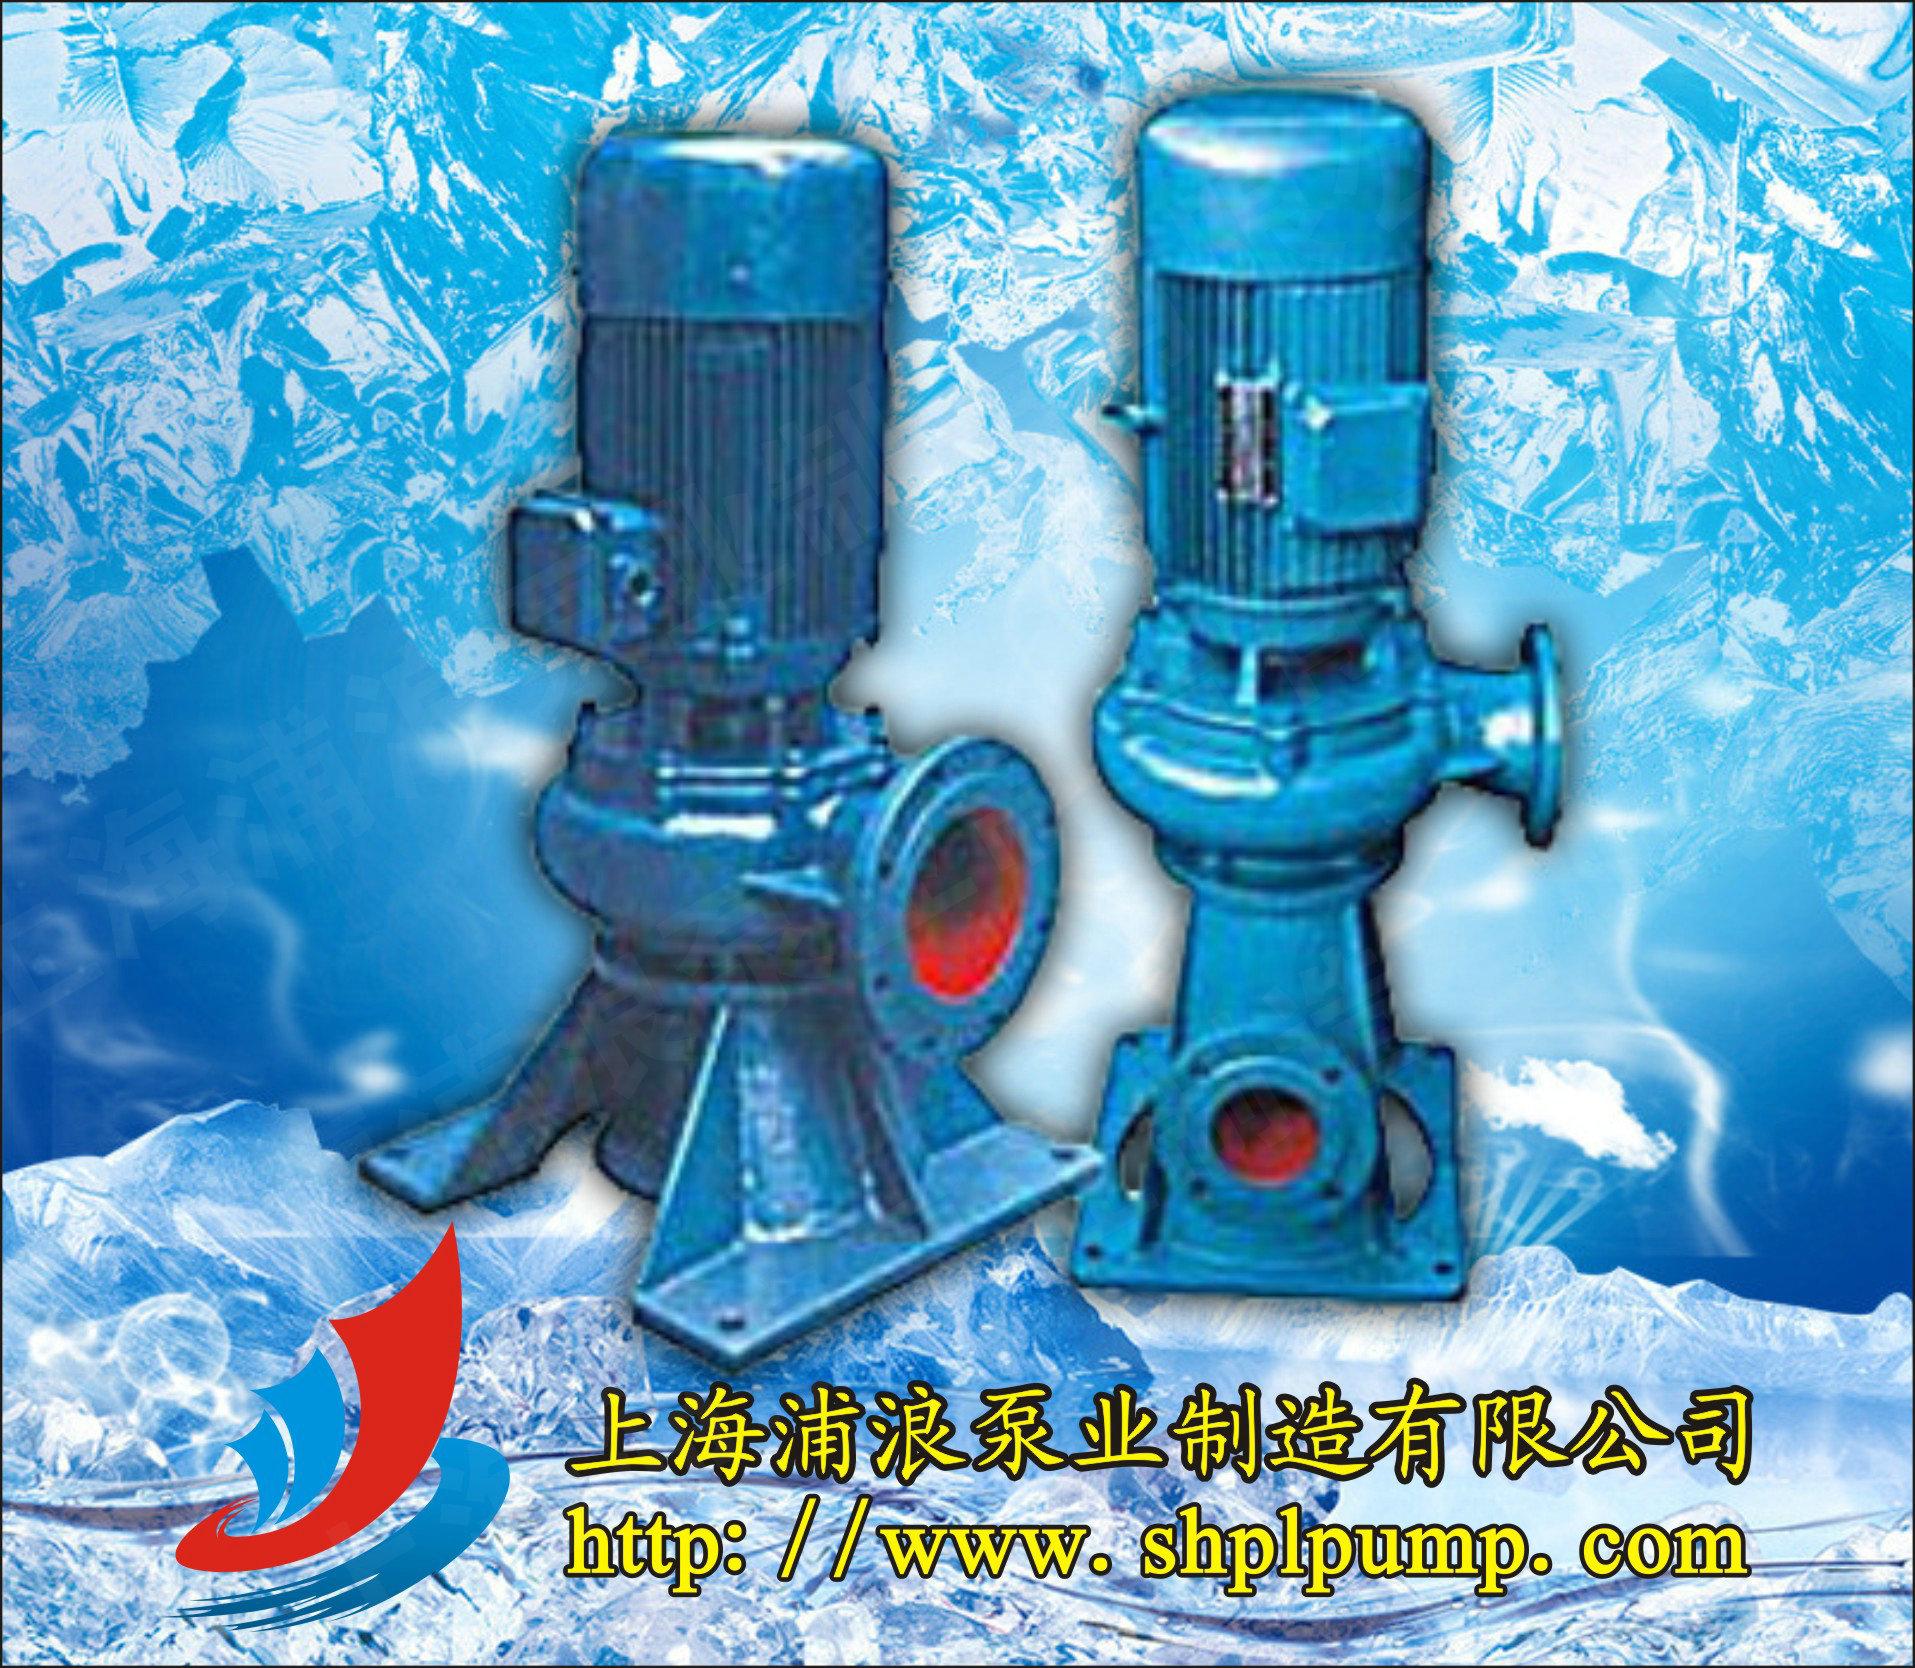 供应lw立式排污泵,lw直立式排污泵图片